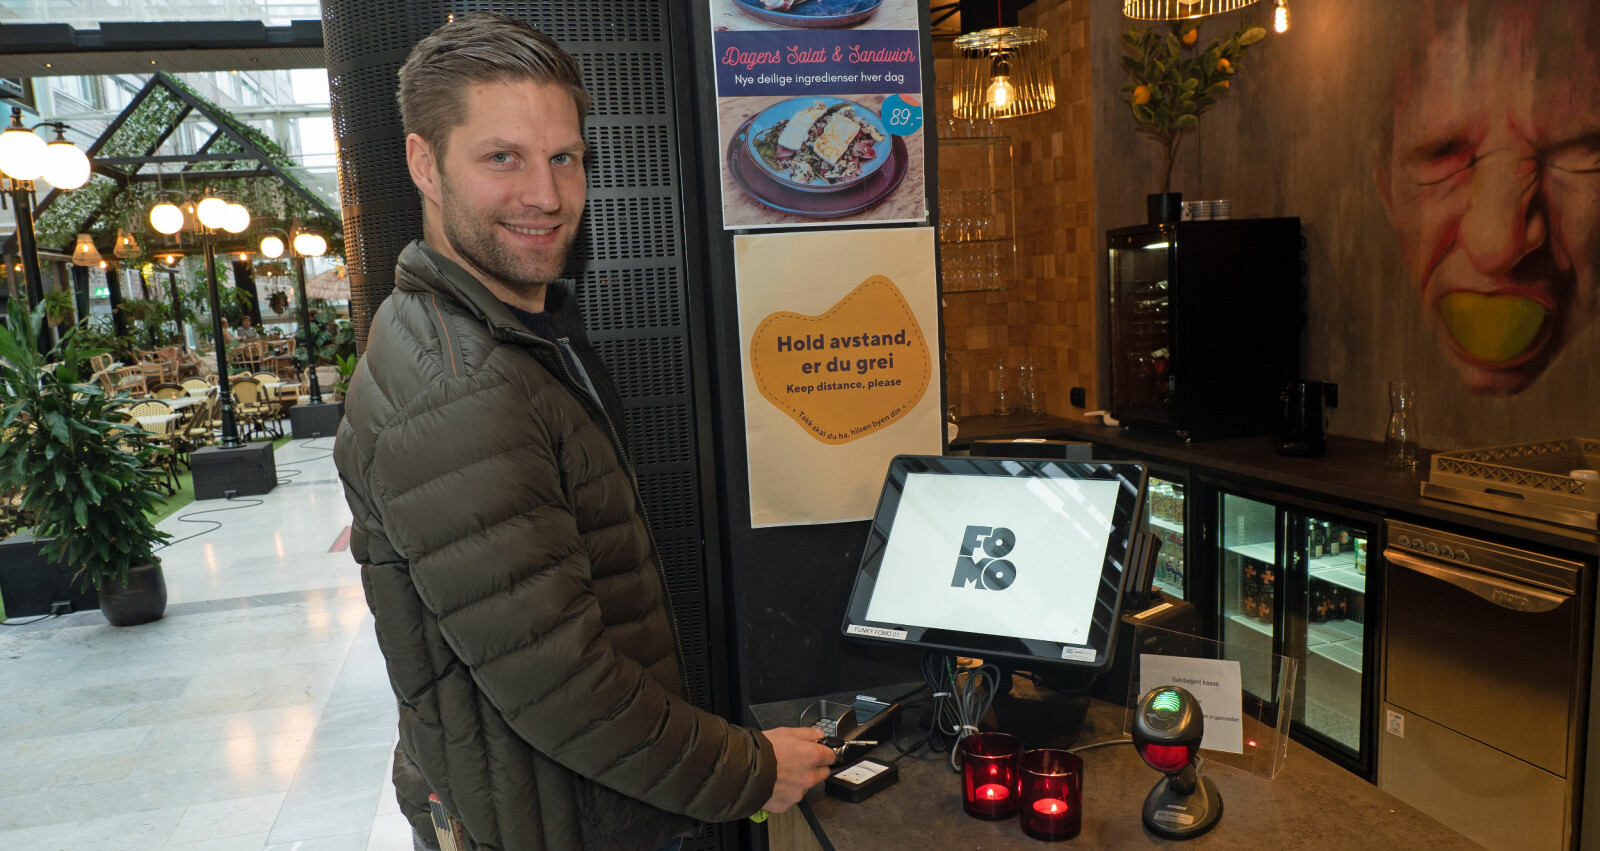 Daniel Harvei Sandvold bruker nøkkelen til å kjøpe en kaffekopp.